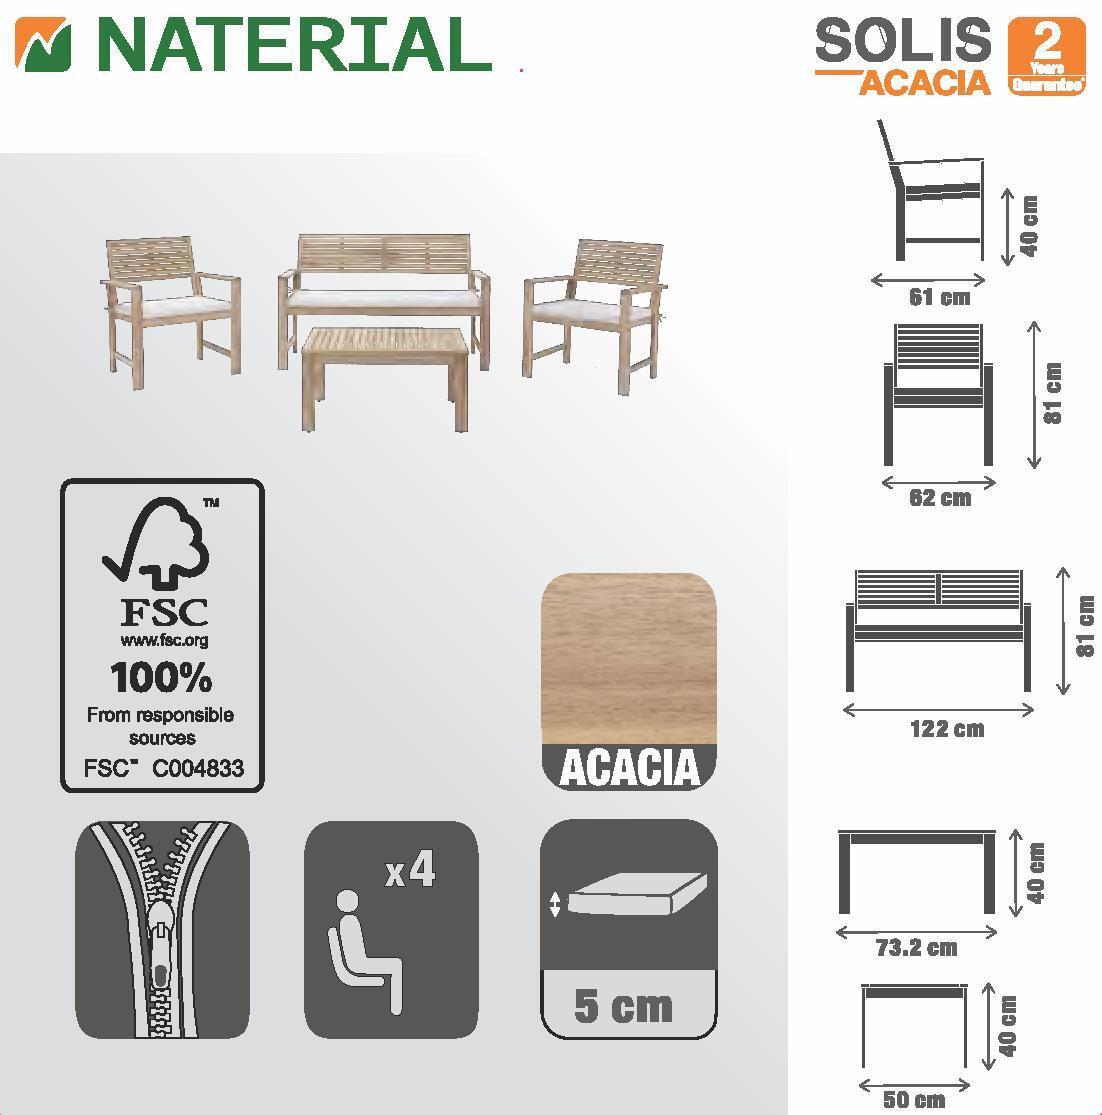 Coffee set rivestito in legno NATERIAL Solis per 4 persone - 12